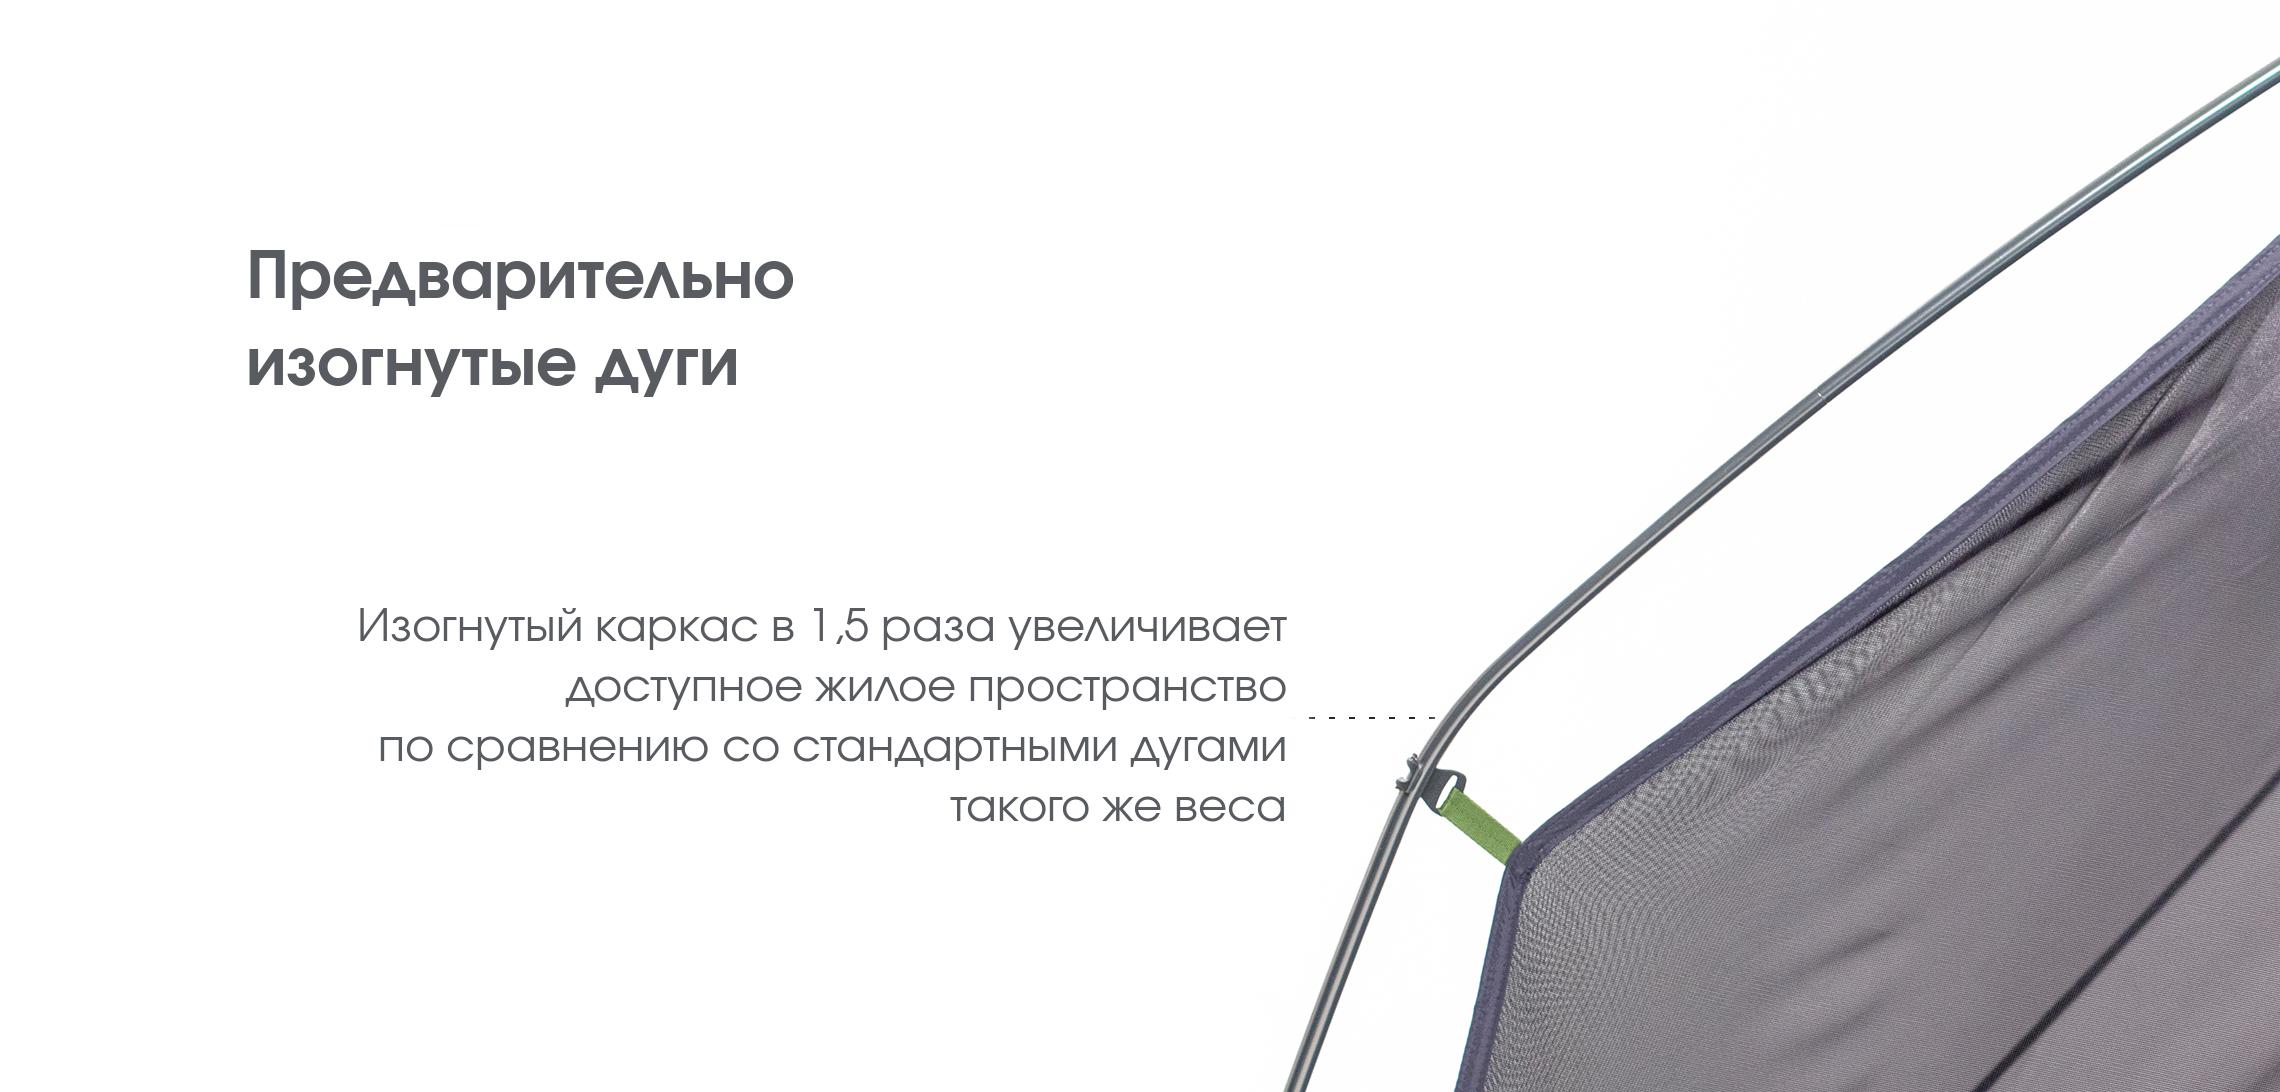 Предварительно изогнутые дуги палатки NEMO Dagger 2P